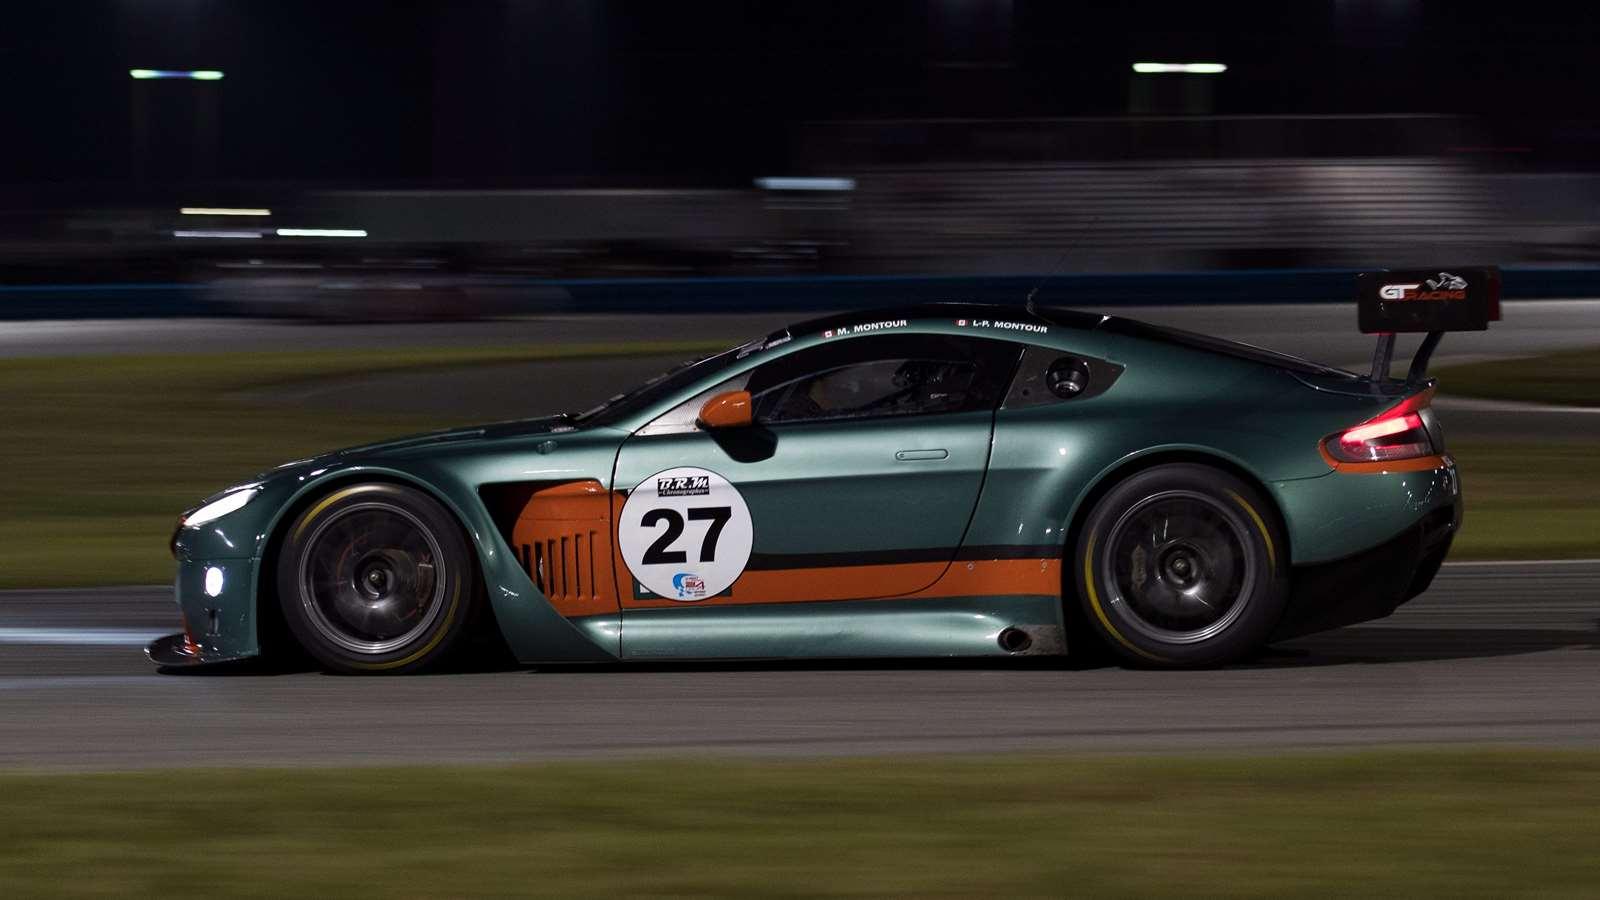 This Aston Martin Vantage Gt3 Has The Last V12 In Motorsport